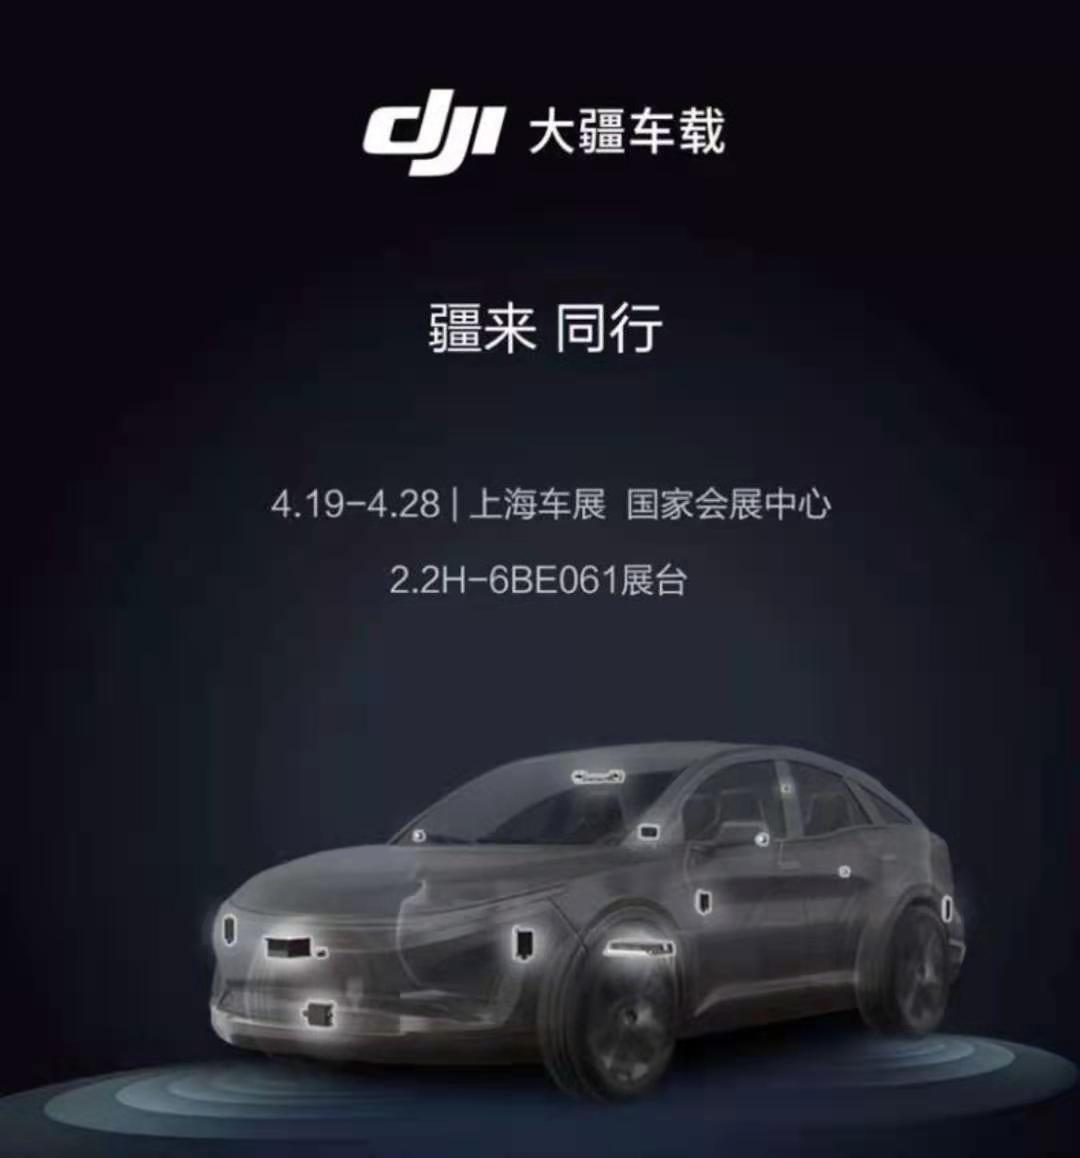 智能駕駛業務品牌!大疆車載即將亮相上海車展